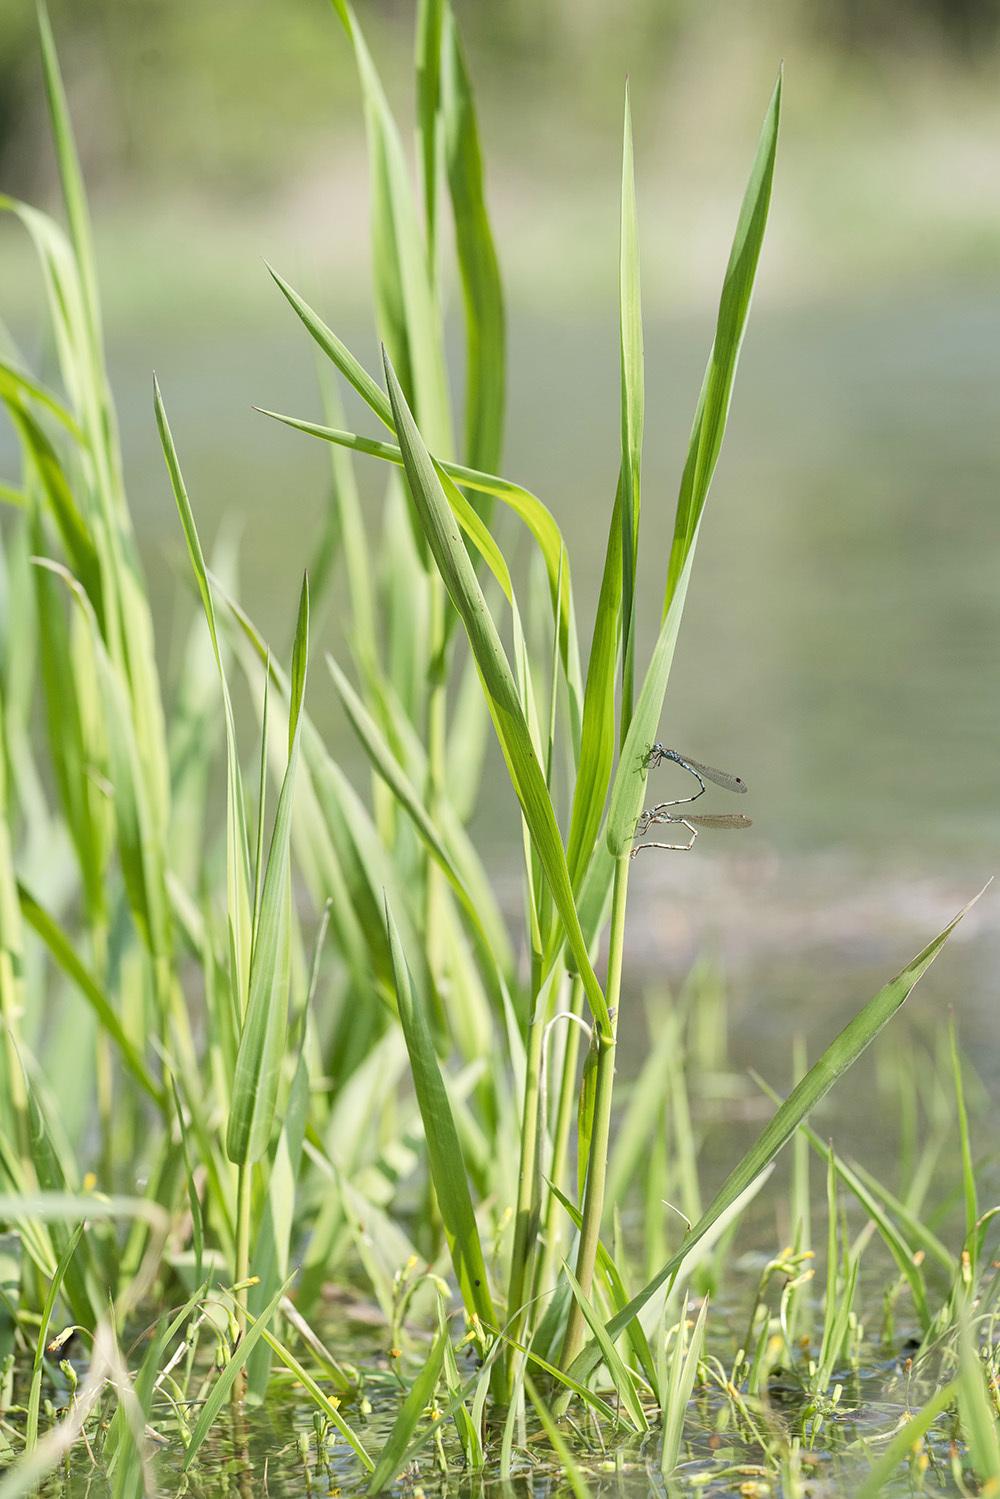 越冬2種の今 オツネントンボとホソミオツネントンボ_f0324026_00471621.jpg